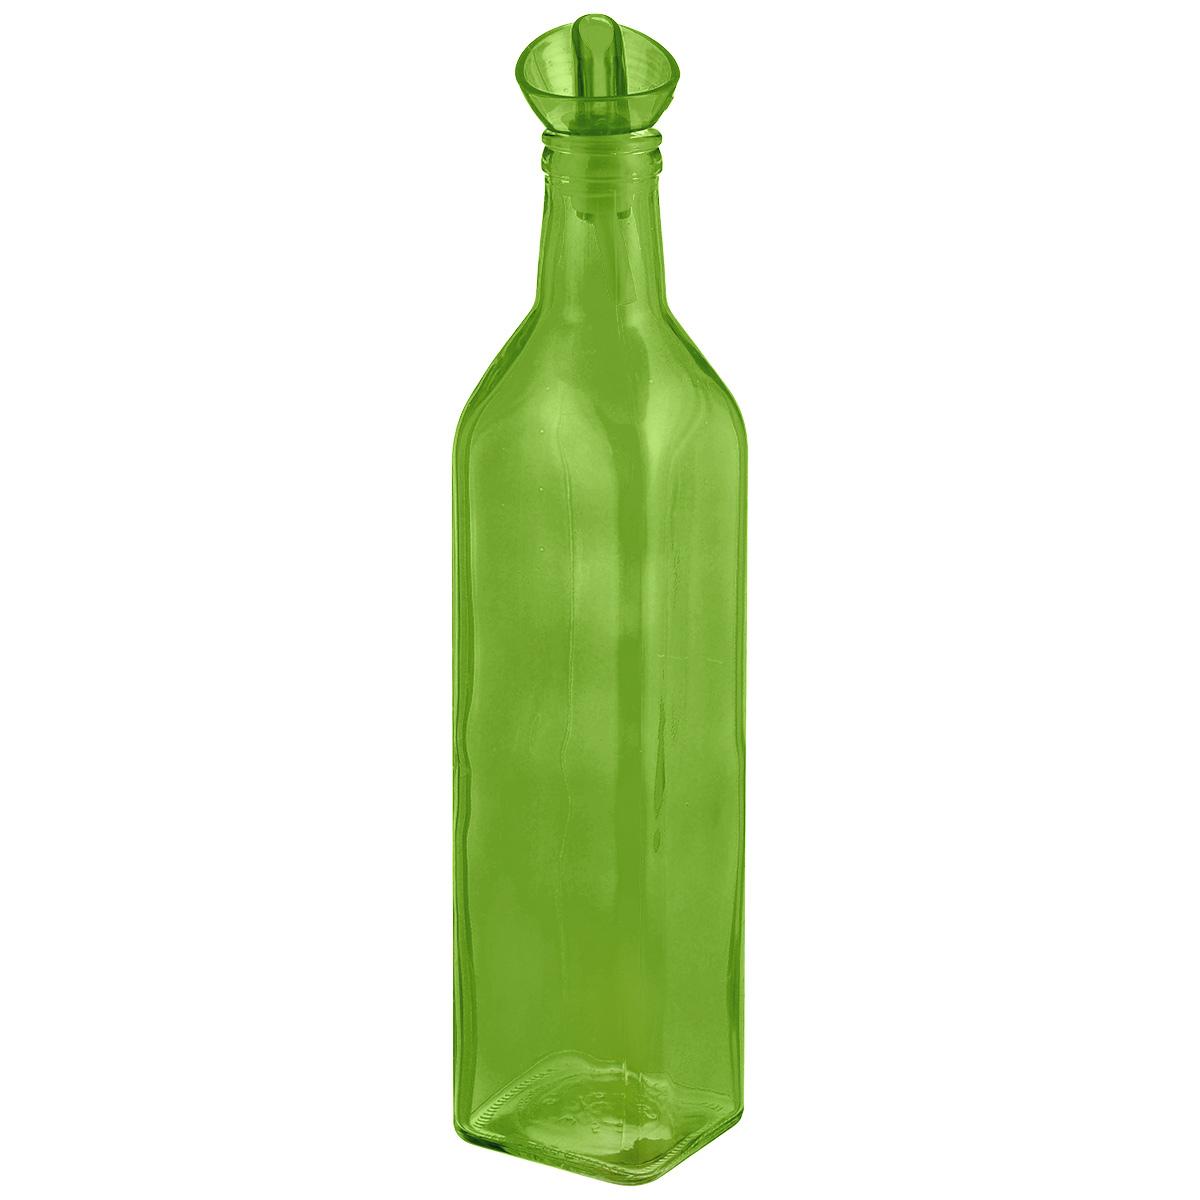 Емкость для масла Herevin, цвет: зеленый, 500 мл151430-000_зеленыйЕмкость Herevin, выполненная из цветного стекла, позволит украсить любую кухню, внеся разнообразие, как в строгий классический стиль, так и в современный кухонный интерьер. Она легка в использовании, стоит только перевернуть ее, и вы с легкостью сможете добавить оливковое, подсолнечное масло, уксус или соус. Емкость оснащена пластиковой пробкой с дозатором. Благодаря этому внутри сохраняется герметичность, и масло дольше остается свежим. Оригинальная, квадратная емкость для масла и уксуса будет отлично смотреться на вашей кухне.Объем: 500 мл.Диаметр (по верхнему краю): 2,5 см.Размер основания: 6 см х 6 см.Высота емкости (без учета крышки): 24 см.